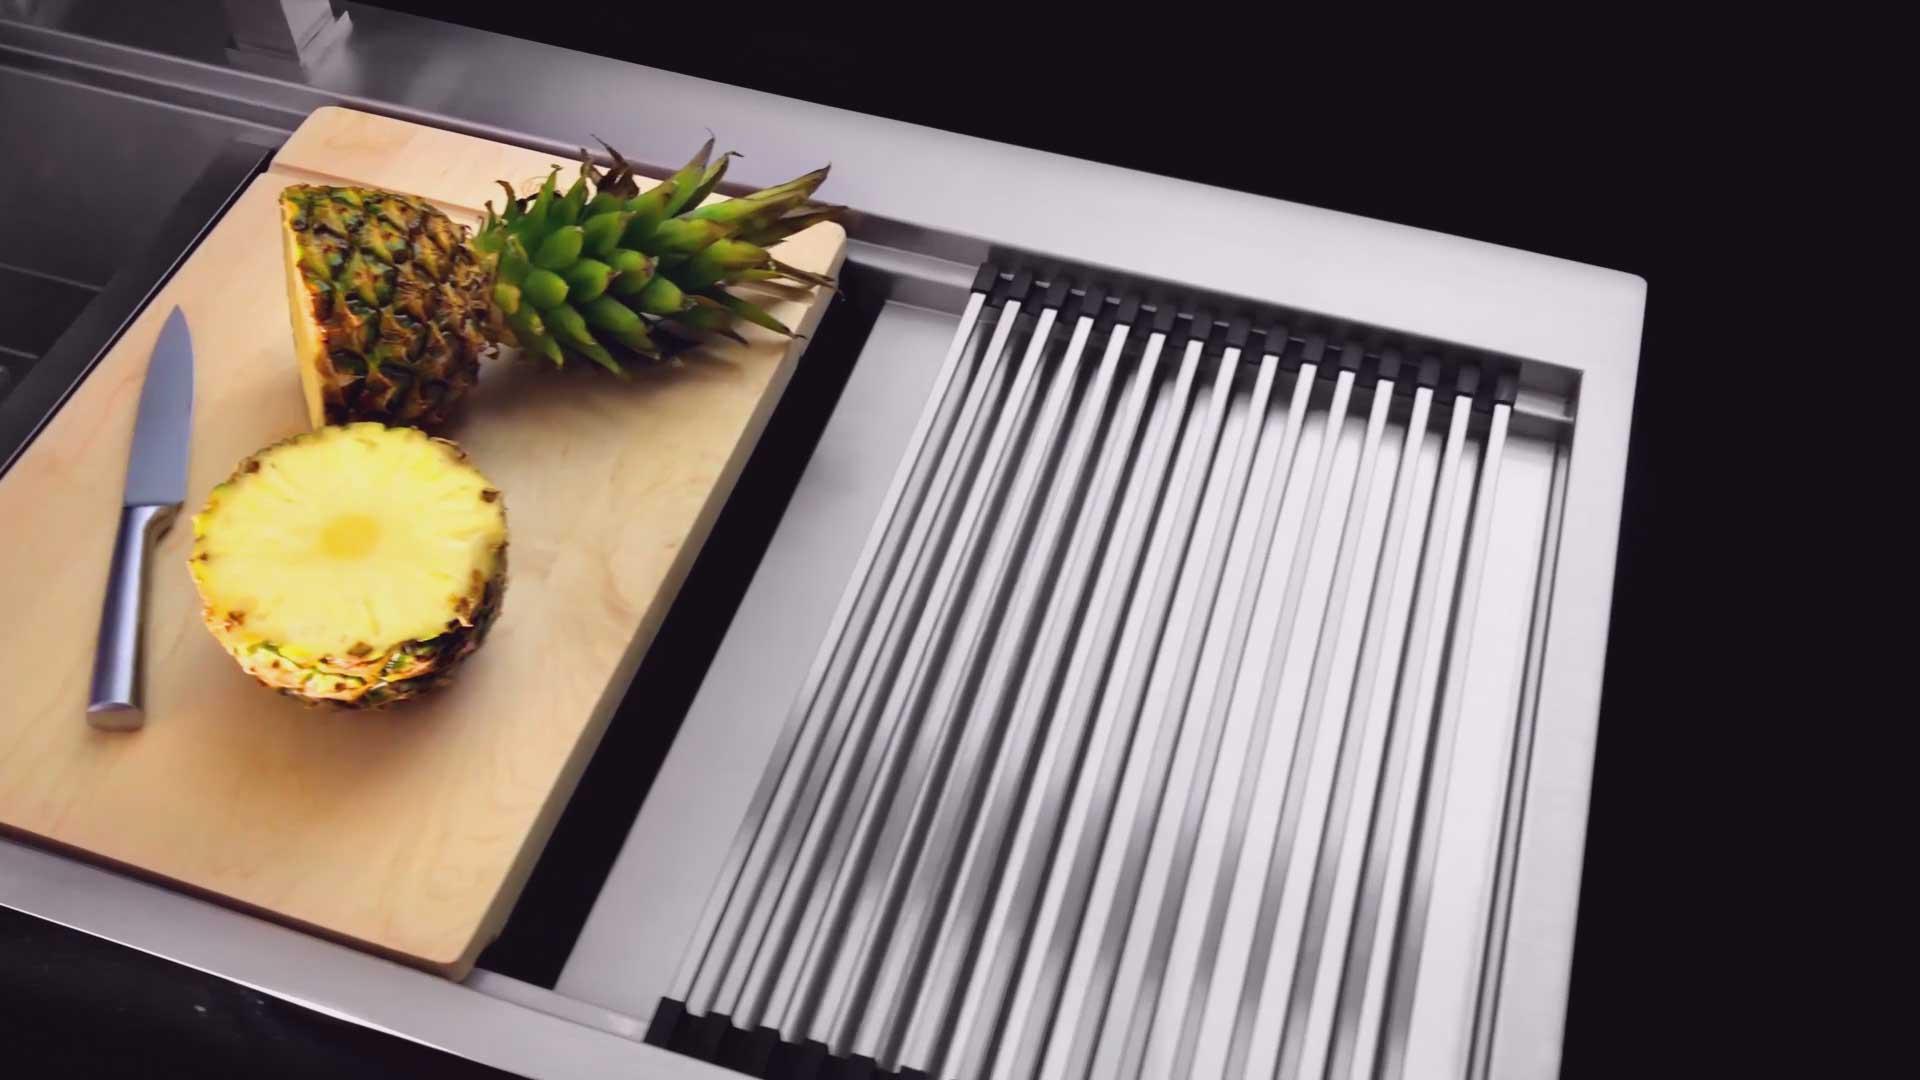 فیلم صنعتی سینک آشپزخانه